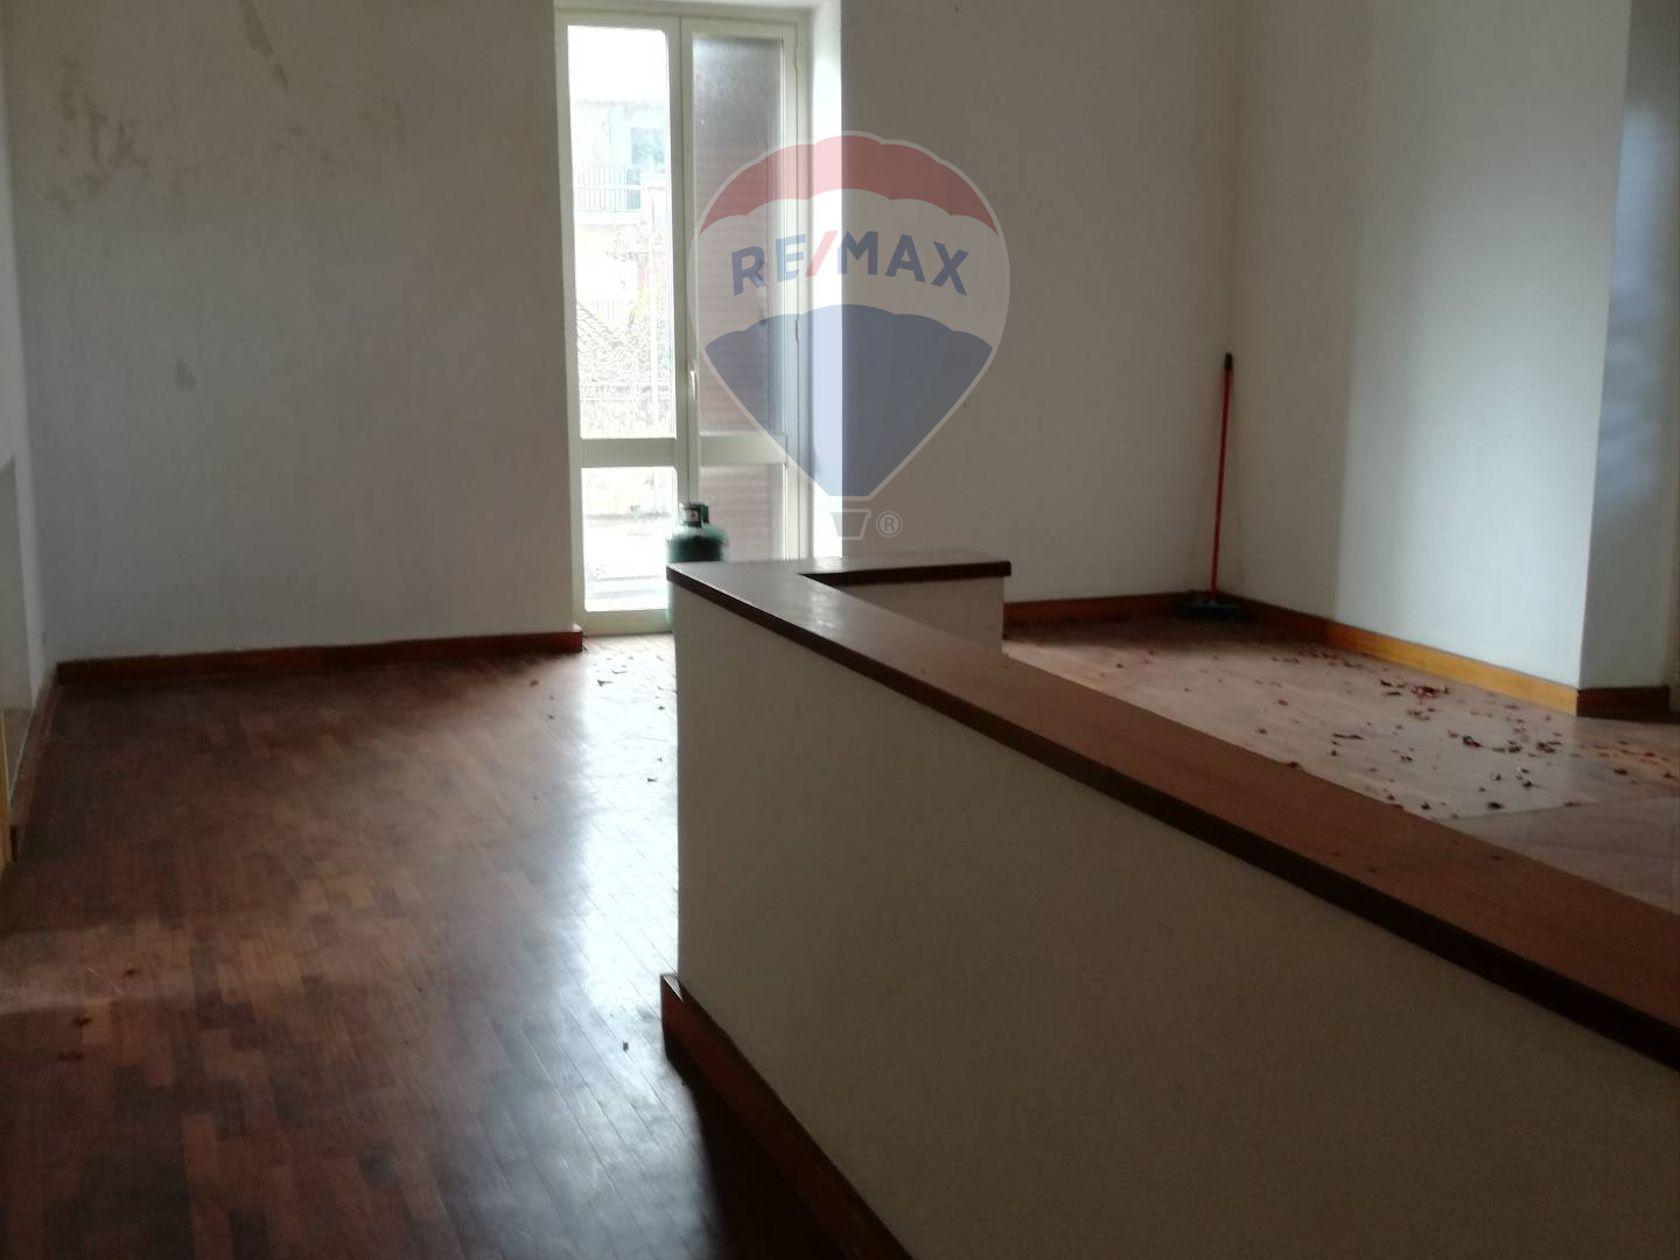 Appartamento Pallavicino, Palermo, PA Vendita - Foto 2